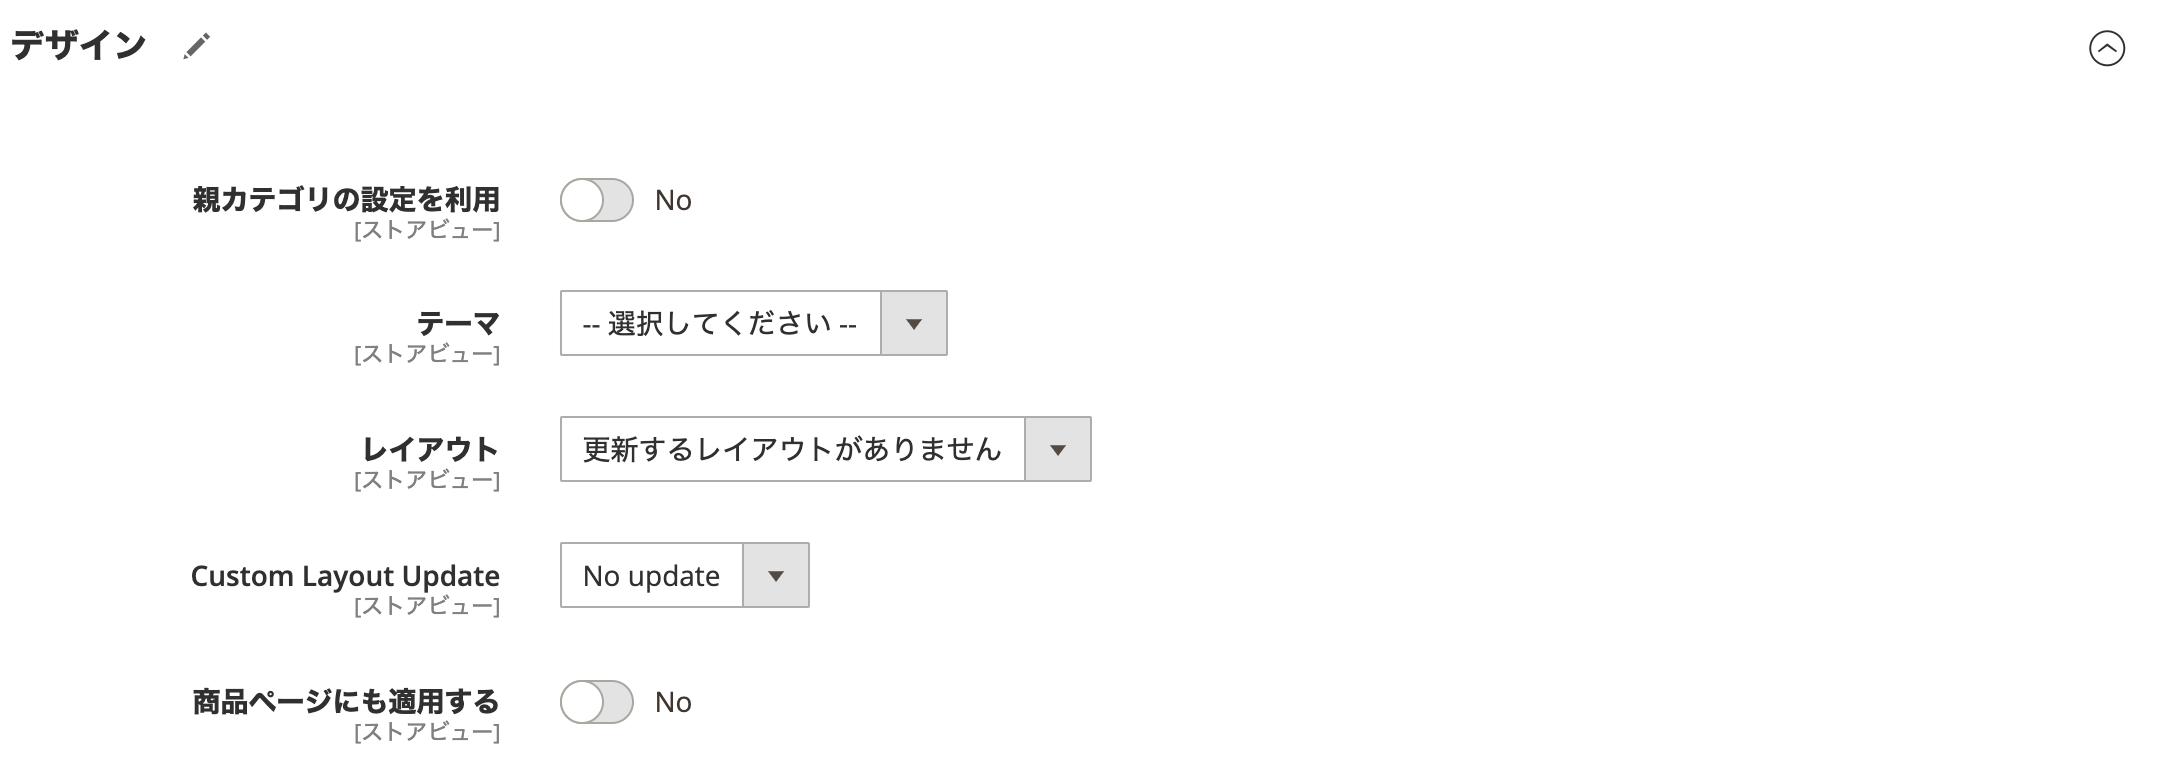 2.3.4での編集画面